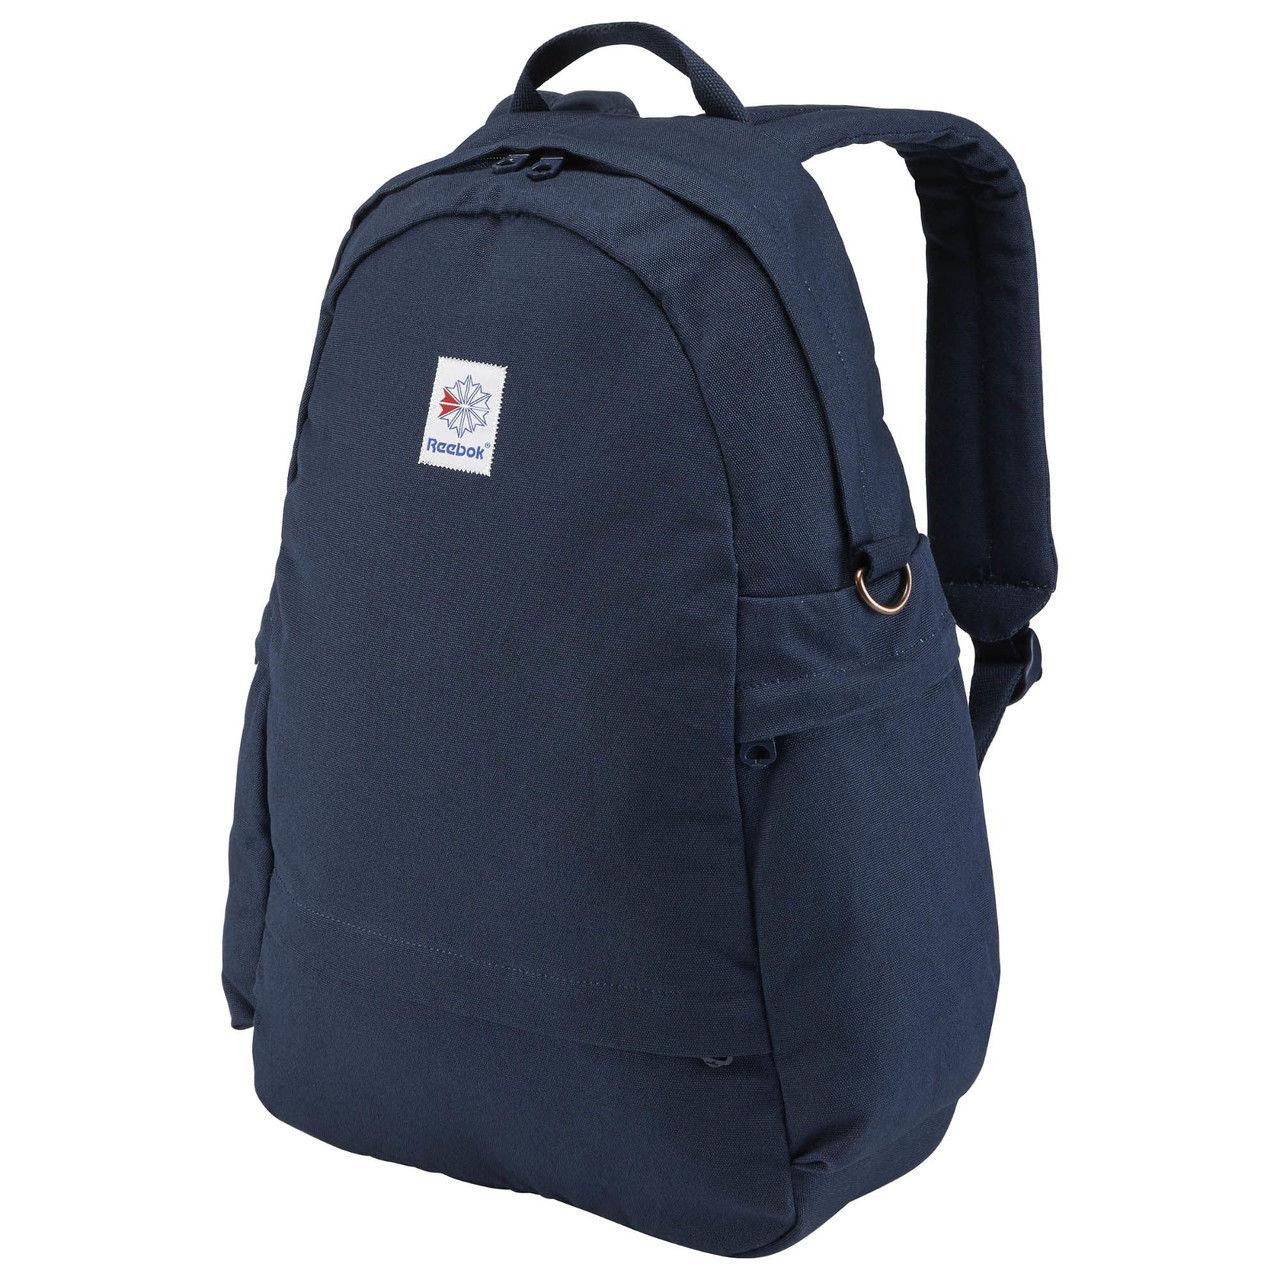 Рюкзак городской Reebok Cl Fo Jwf Backpack, цвет: синий. AX9954AX9954Рюкзак Reebok Cl Fo Jwf Backpack выполнен из текстиля. Этот стильный рюкзак с успехом вместит в себя все необходимое. Отделение для ноутбука поможет всегда быть на связи, просторное основное отделение отлично подходит для хранения одежды и прочих вещей вроде проводов, а мягкие плечевые ремни обеспечивают комфорт.